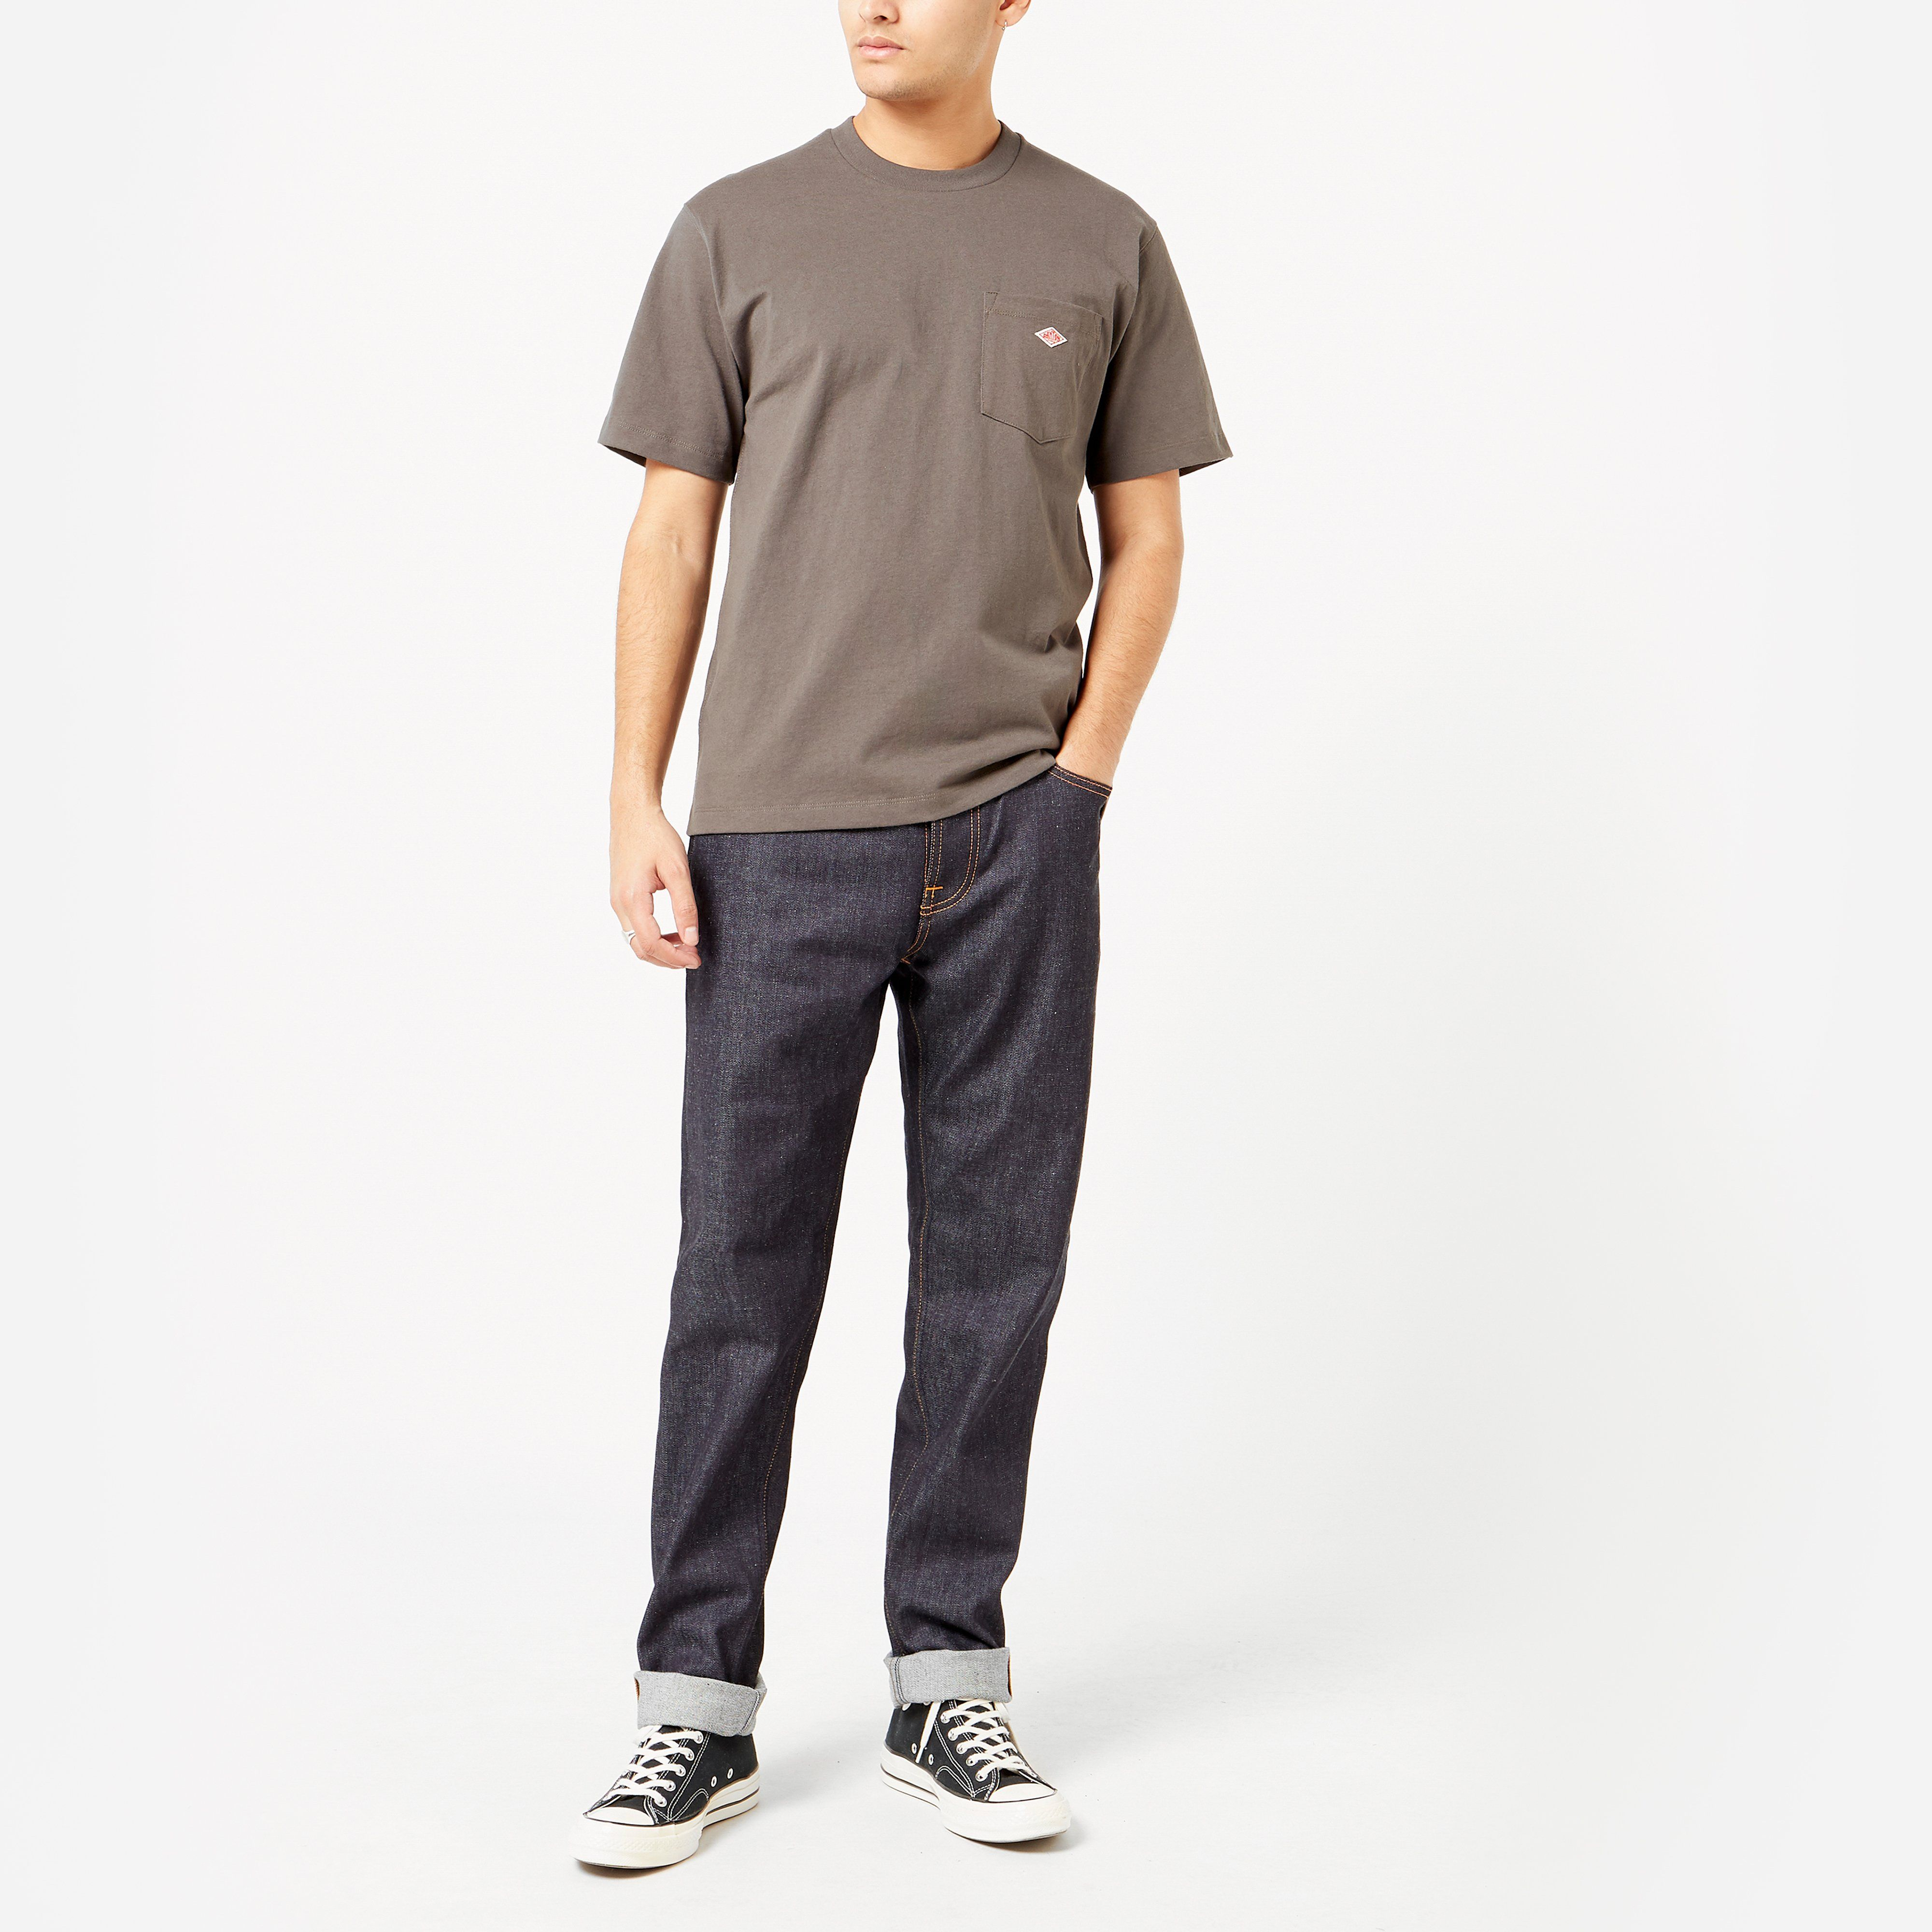 Nudie Jeans Co. Steady Eddie Jeans